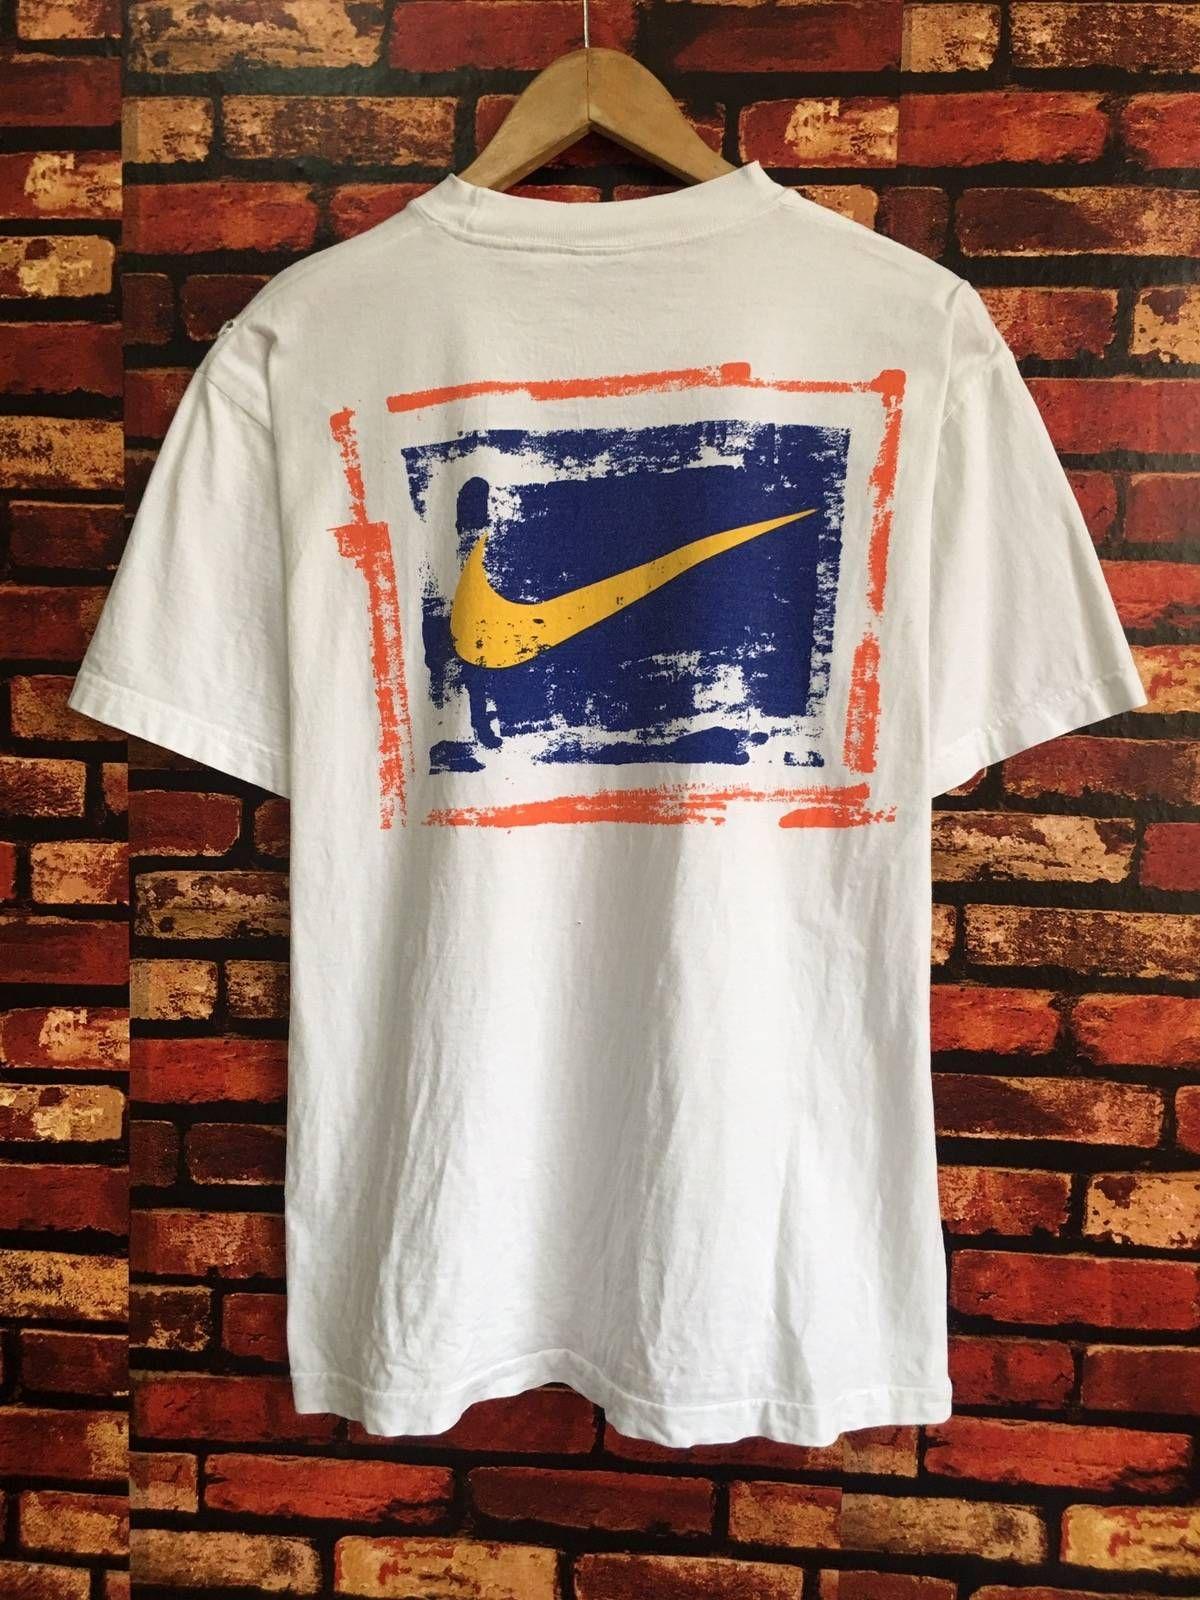 Pin By Sang Dinh On Athletic Vintage Nike Vintage Tees Vintage